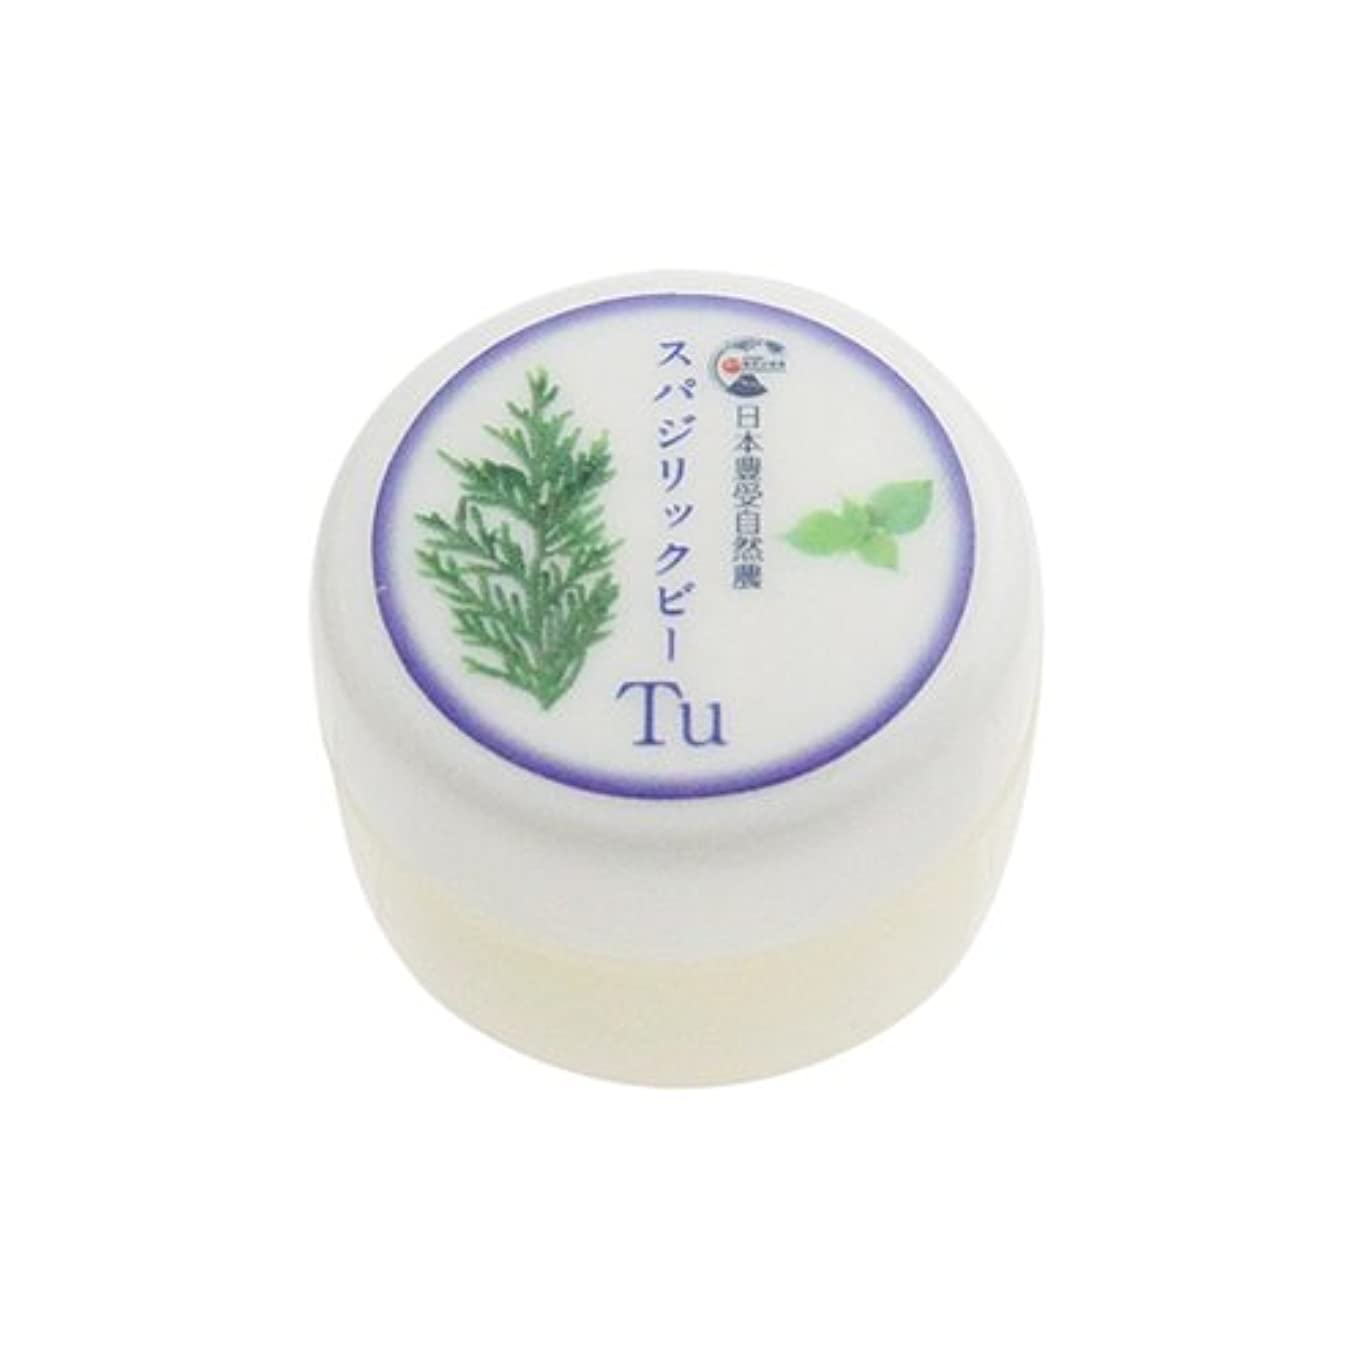 不安定辞任するポイント日本豊受自然農 スパジリック ビーTu(小) 10g